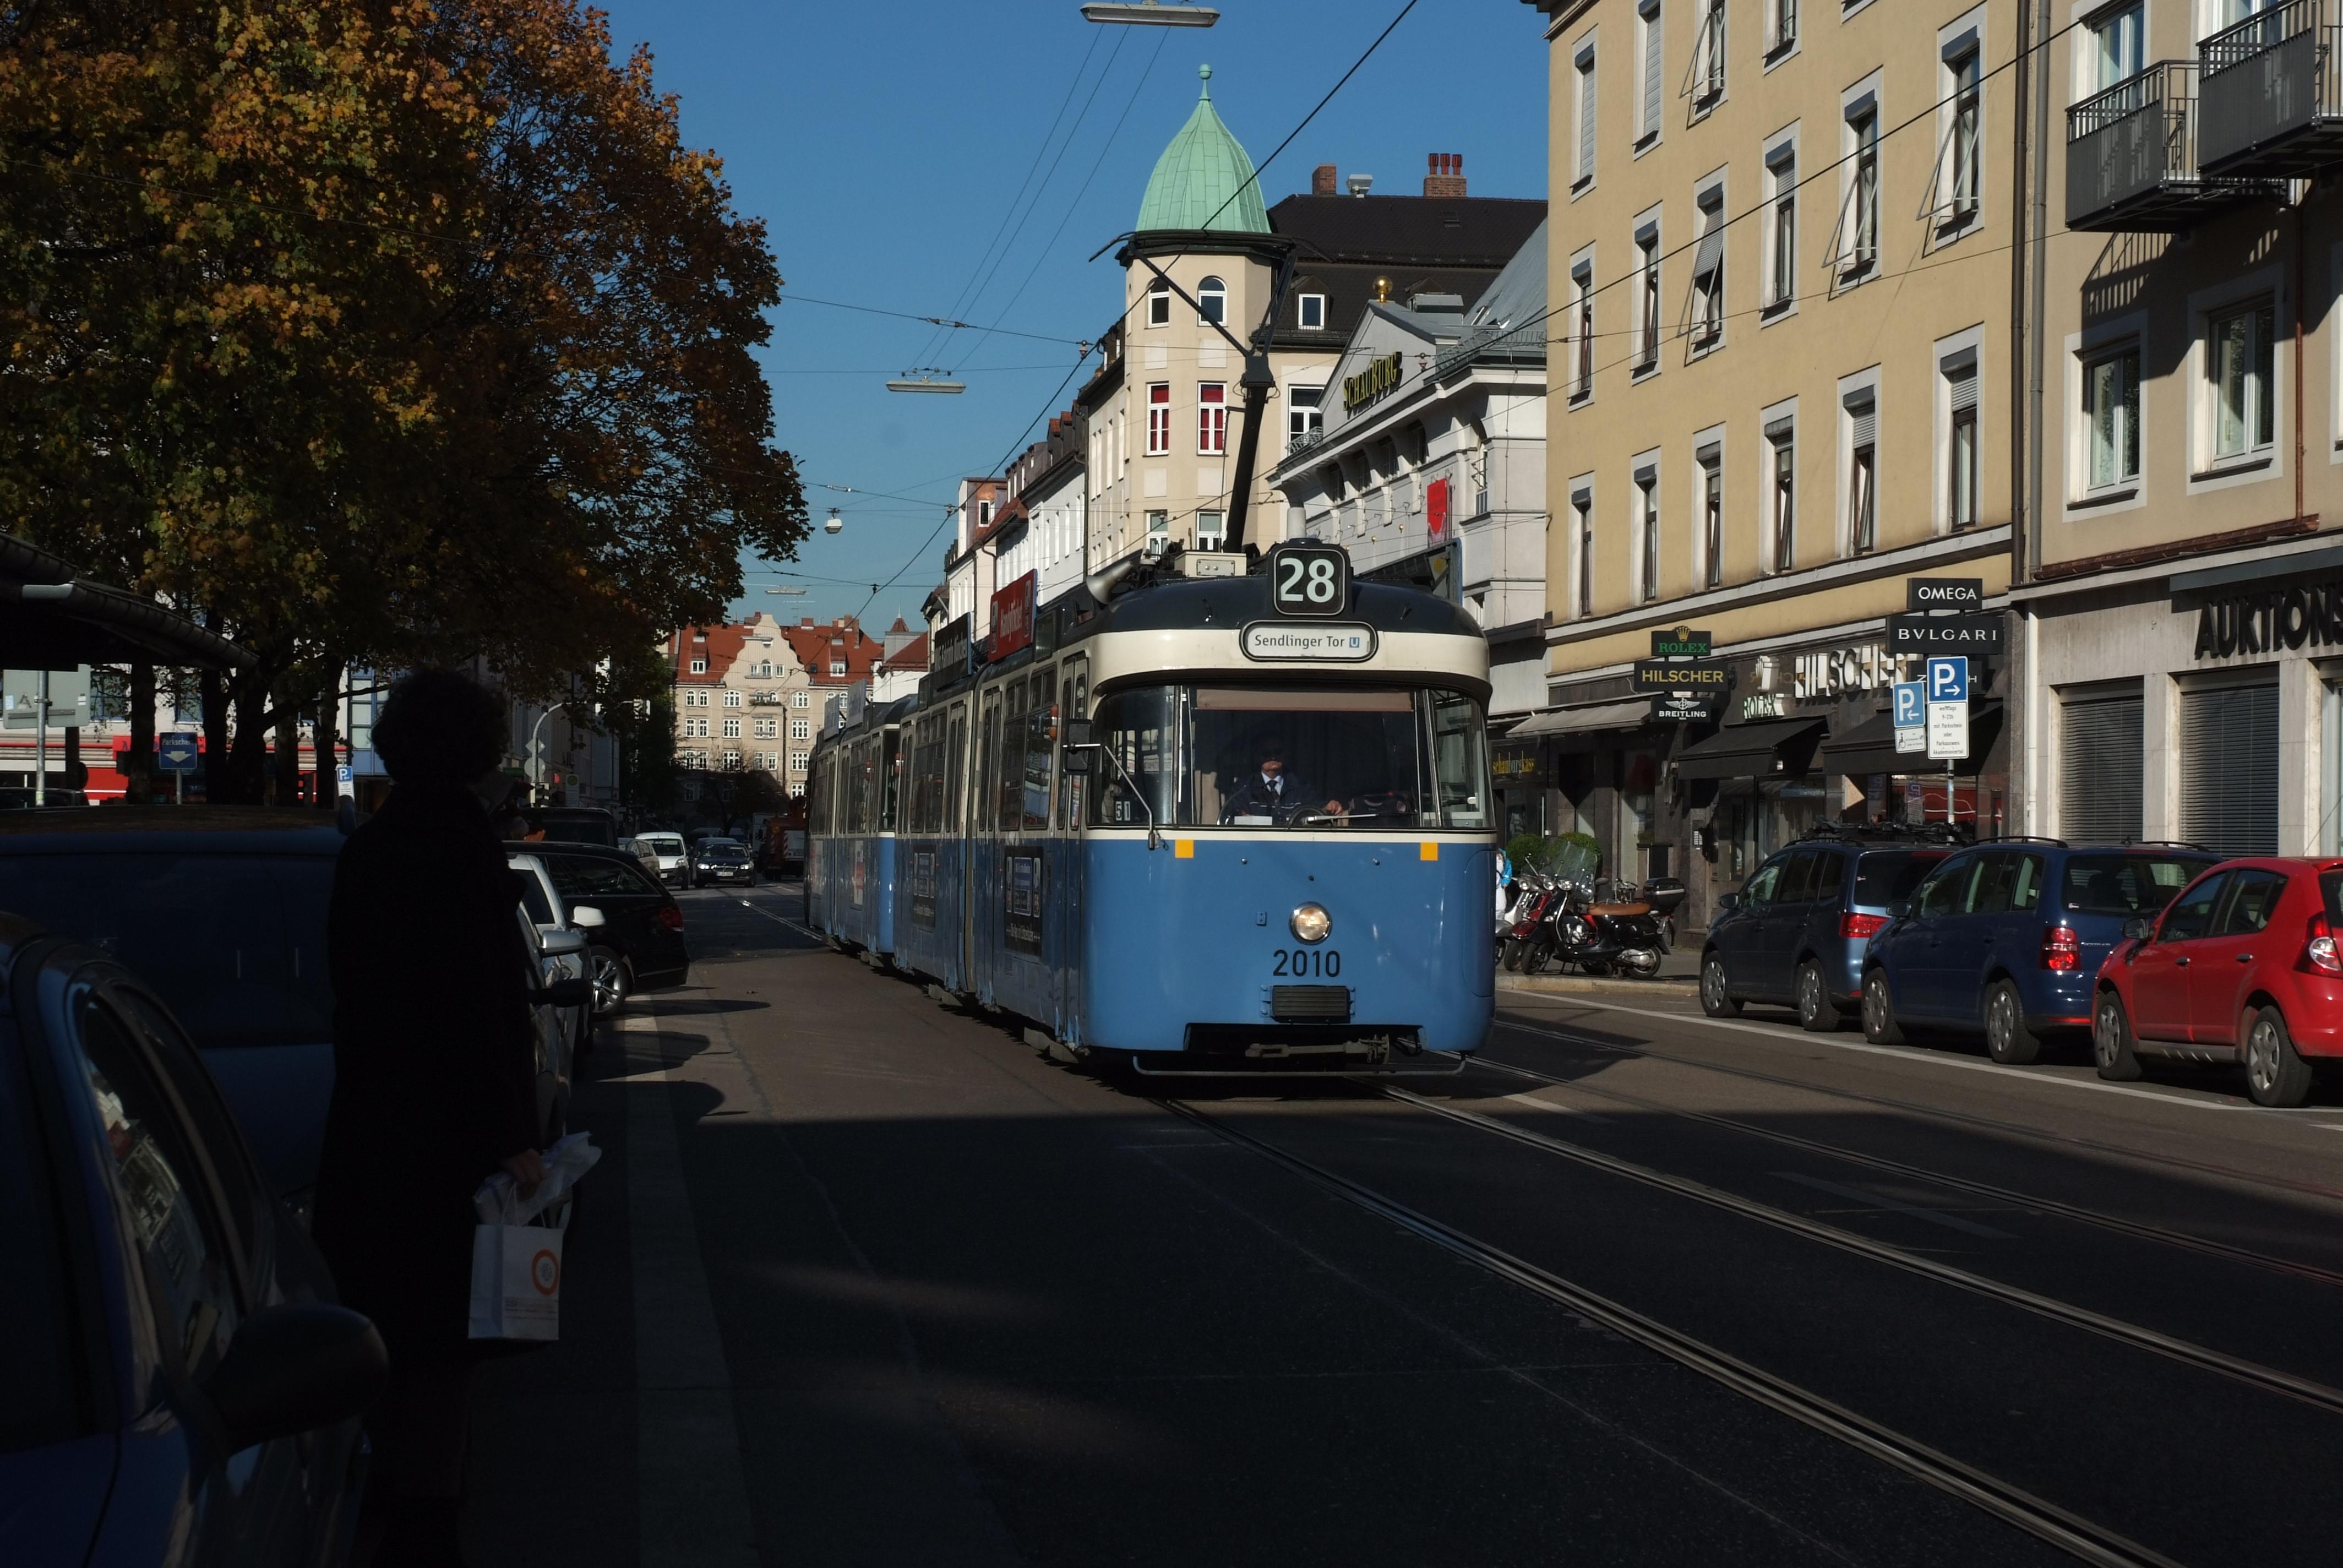 Der fast 50 Jahre alte Wagen in der Novembersonne am Elisabethplatz in Schwabing